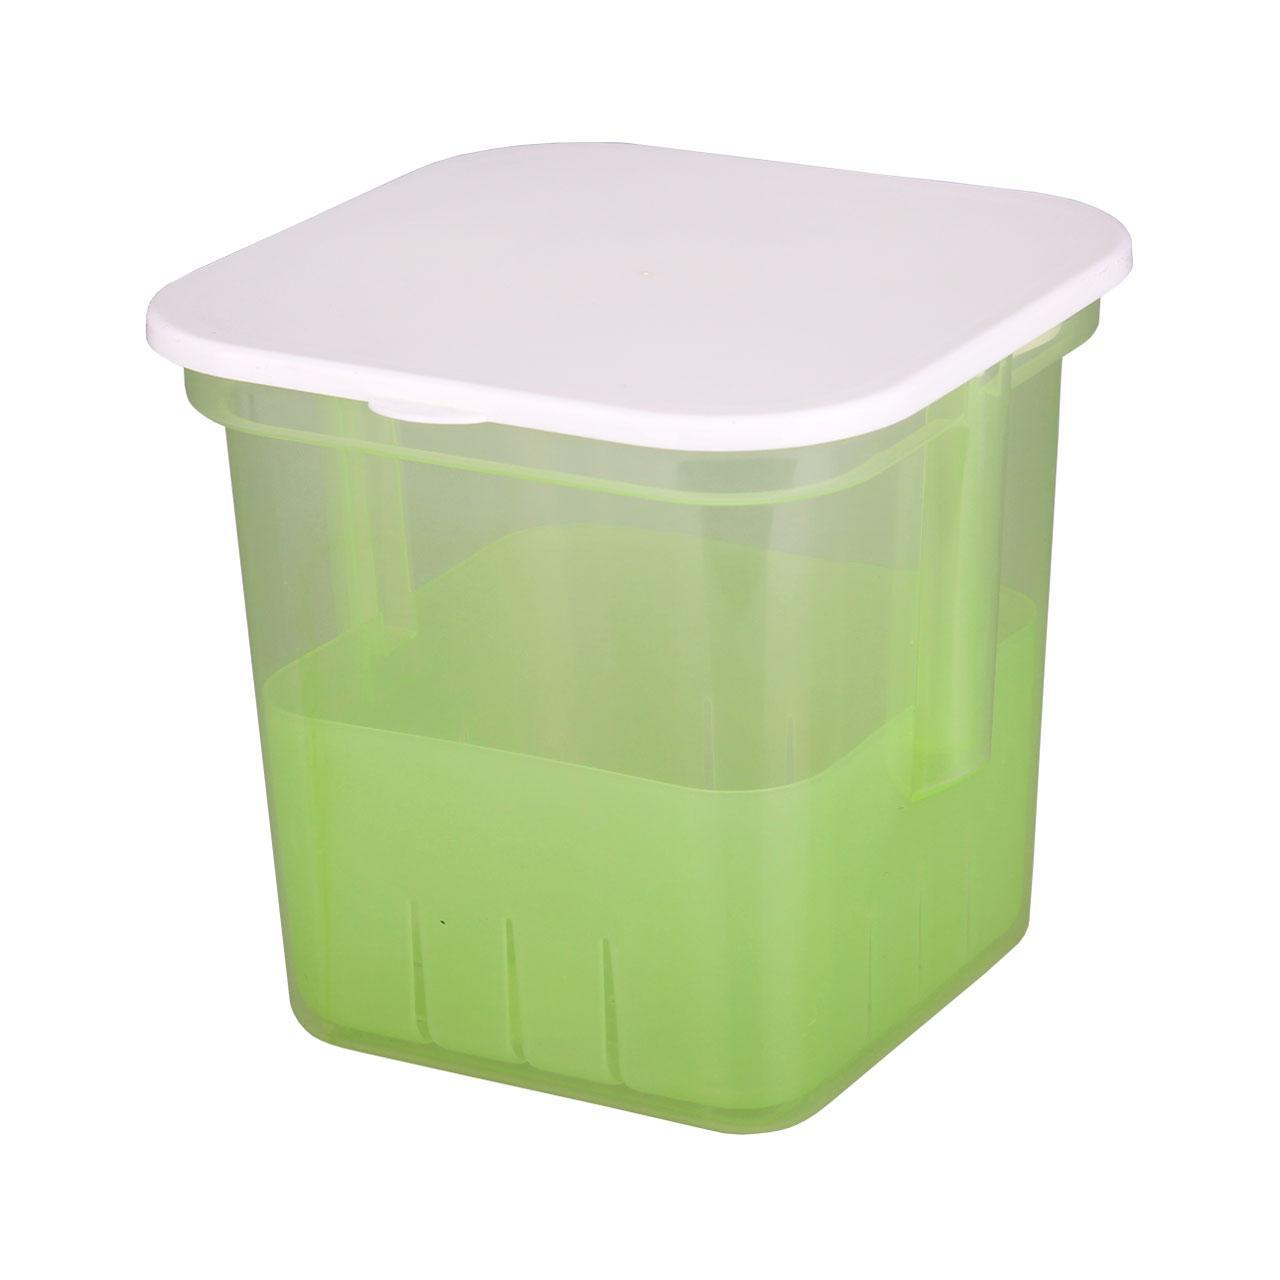 Банка для солений Альтернатива, с крышкой и вставкой, цвет: зеленый, 3 лМ1149Банка Альтернатива предназначена для размещения в ней солений. Выполнена из высокопрочного пластика. В комплекте съемный контейнер с ручкой, на дне которого имеются отверстия. Это позволяет легко вынимать соленья, при этом рассол быстро стечет вниз. С такой банкой удобно и хранить, и перевозить соленья в рассоле. Банка закрывается крышкой белого цвета. Объем: 3 л.